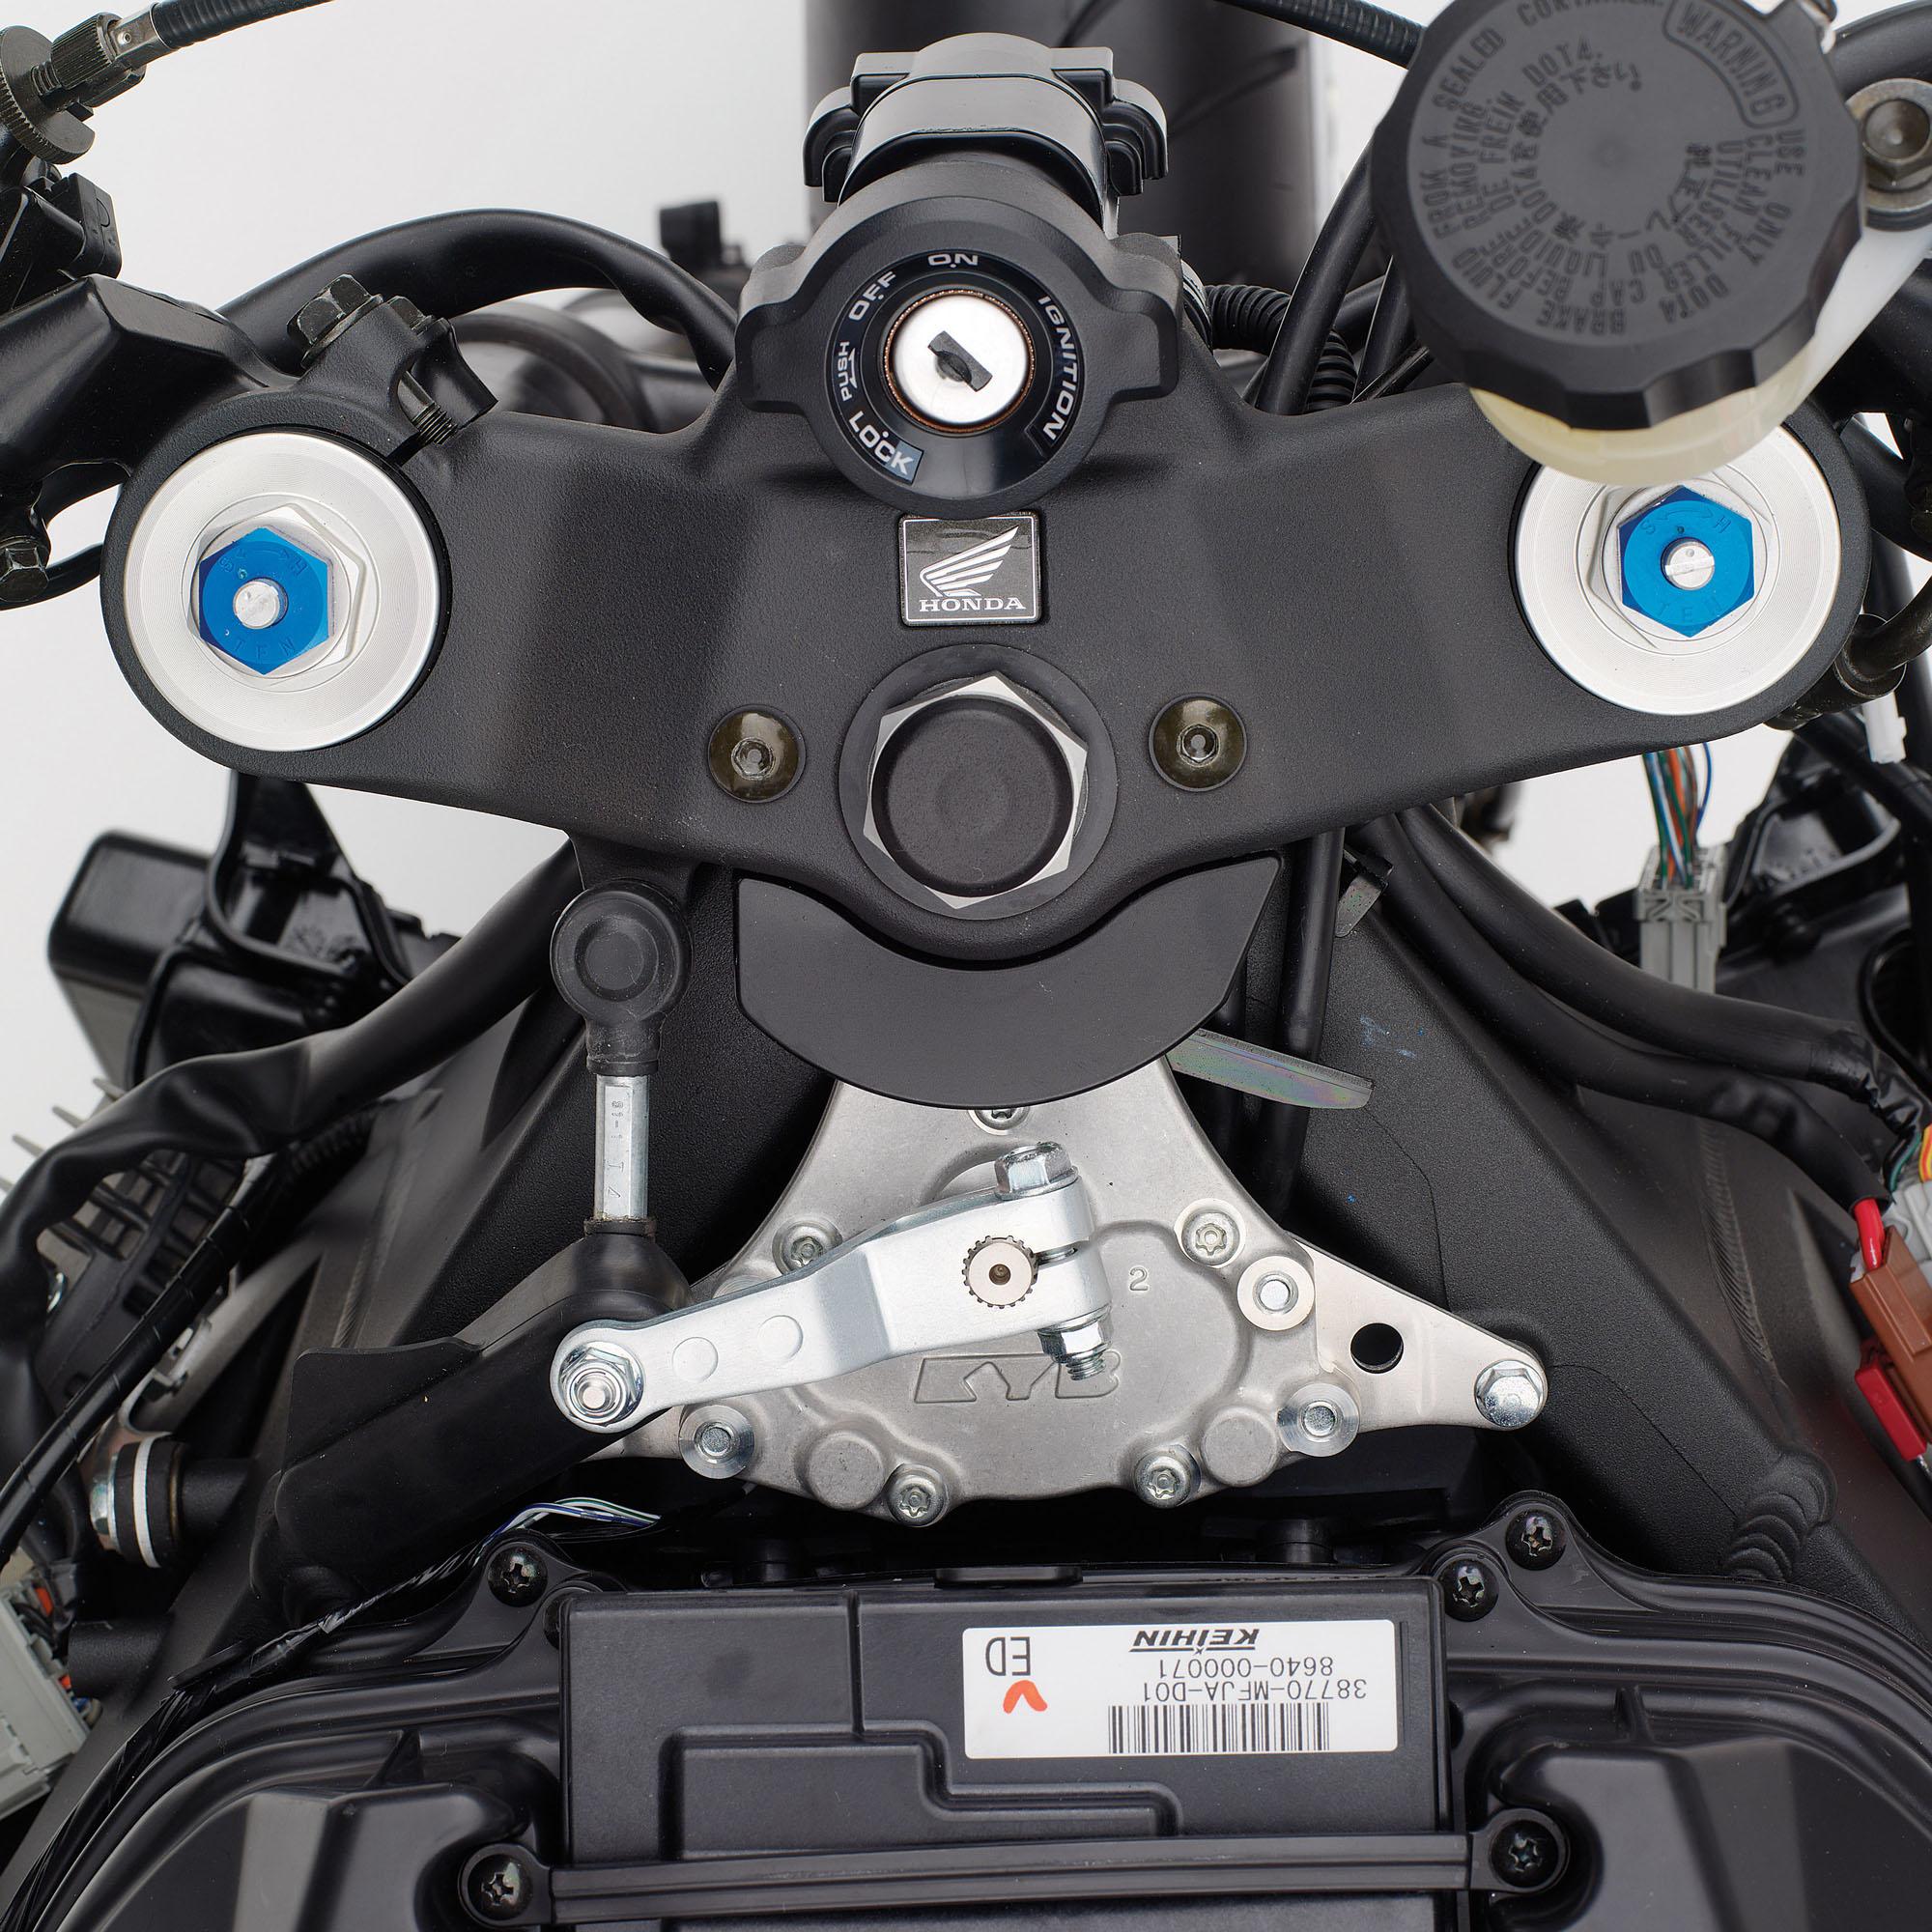 2018 Honda Cbr600rr Review Of Specs Changes Rd Info Cbr 600cc Keihin Cv Carburetor Diagram Moreover In 32 Engine